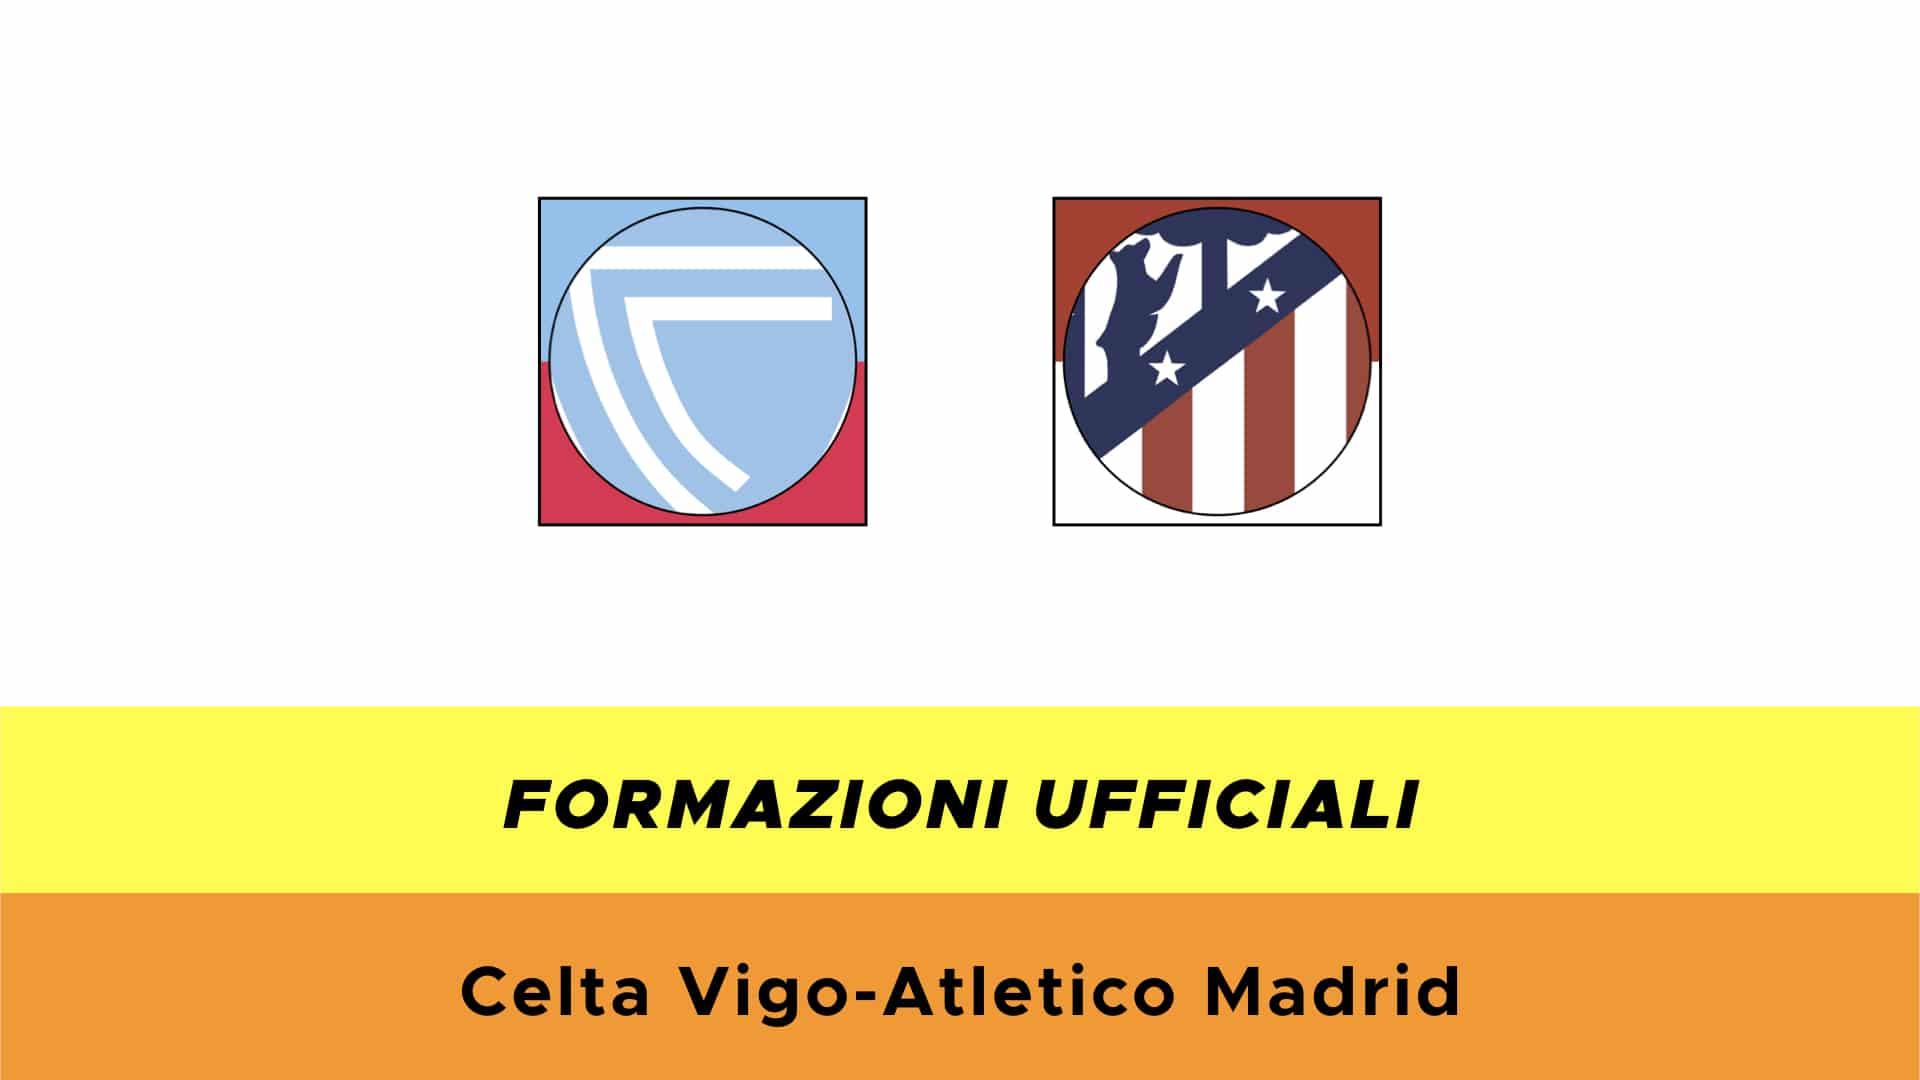 Celta Vigo-Atletico Madrid: formazioni ufficiali e dove vederla in TV